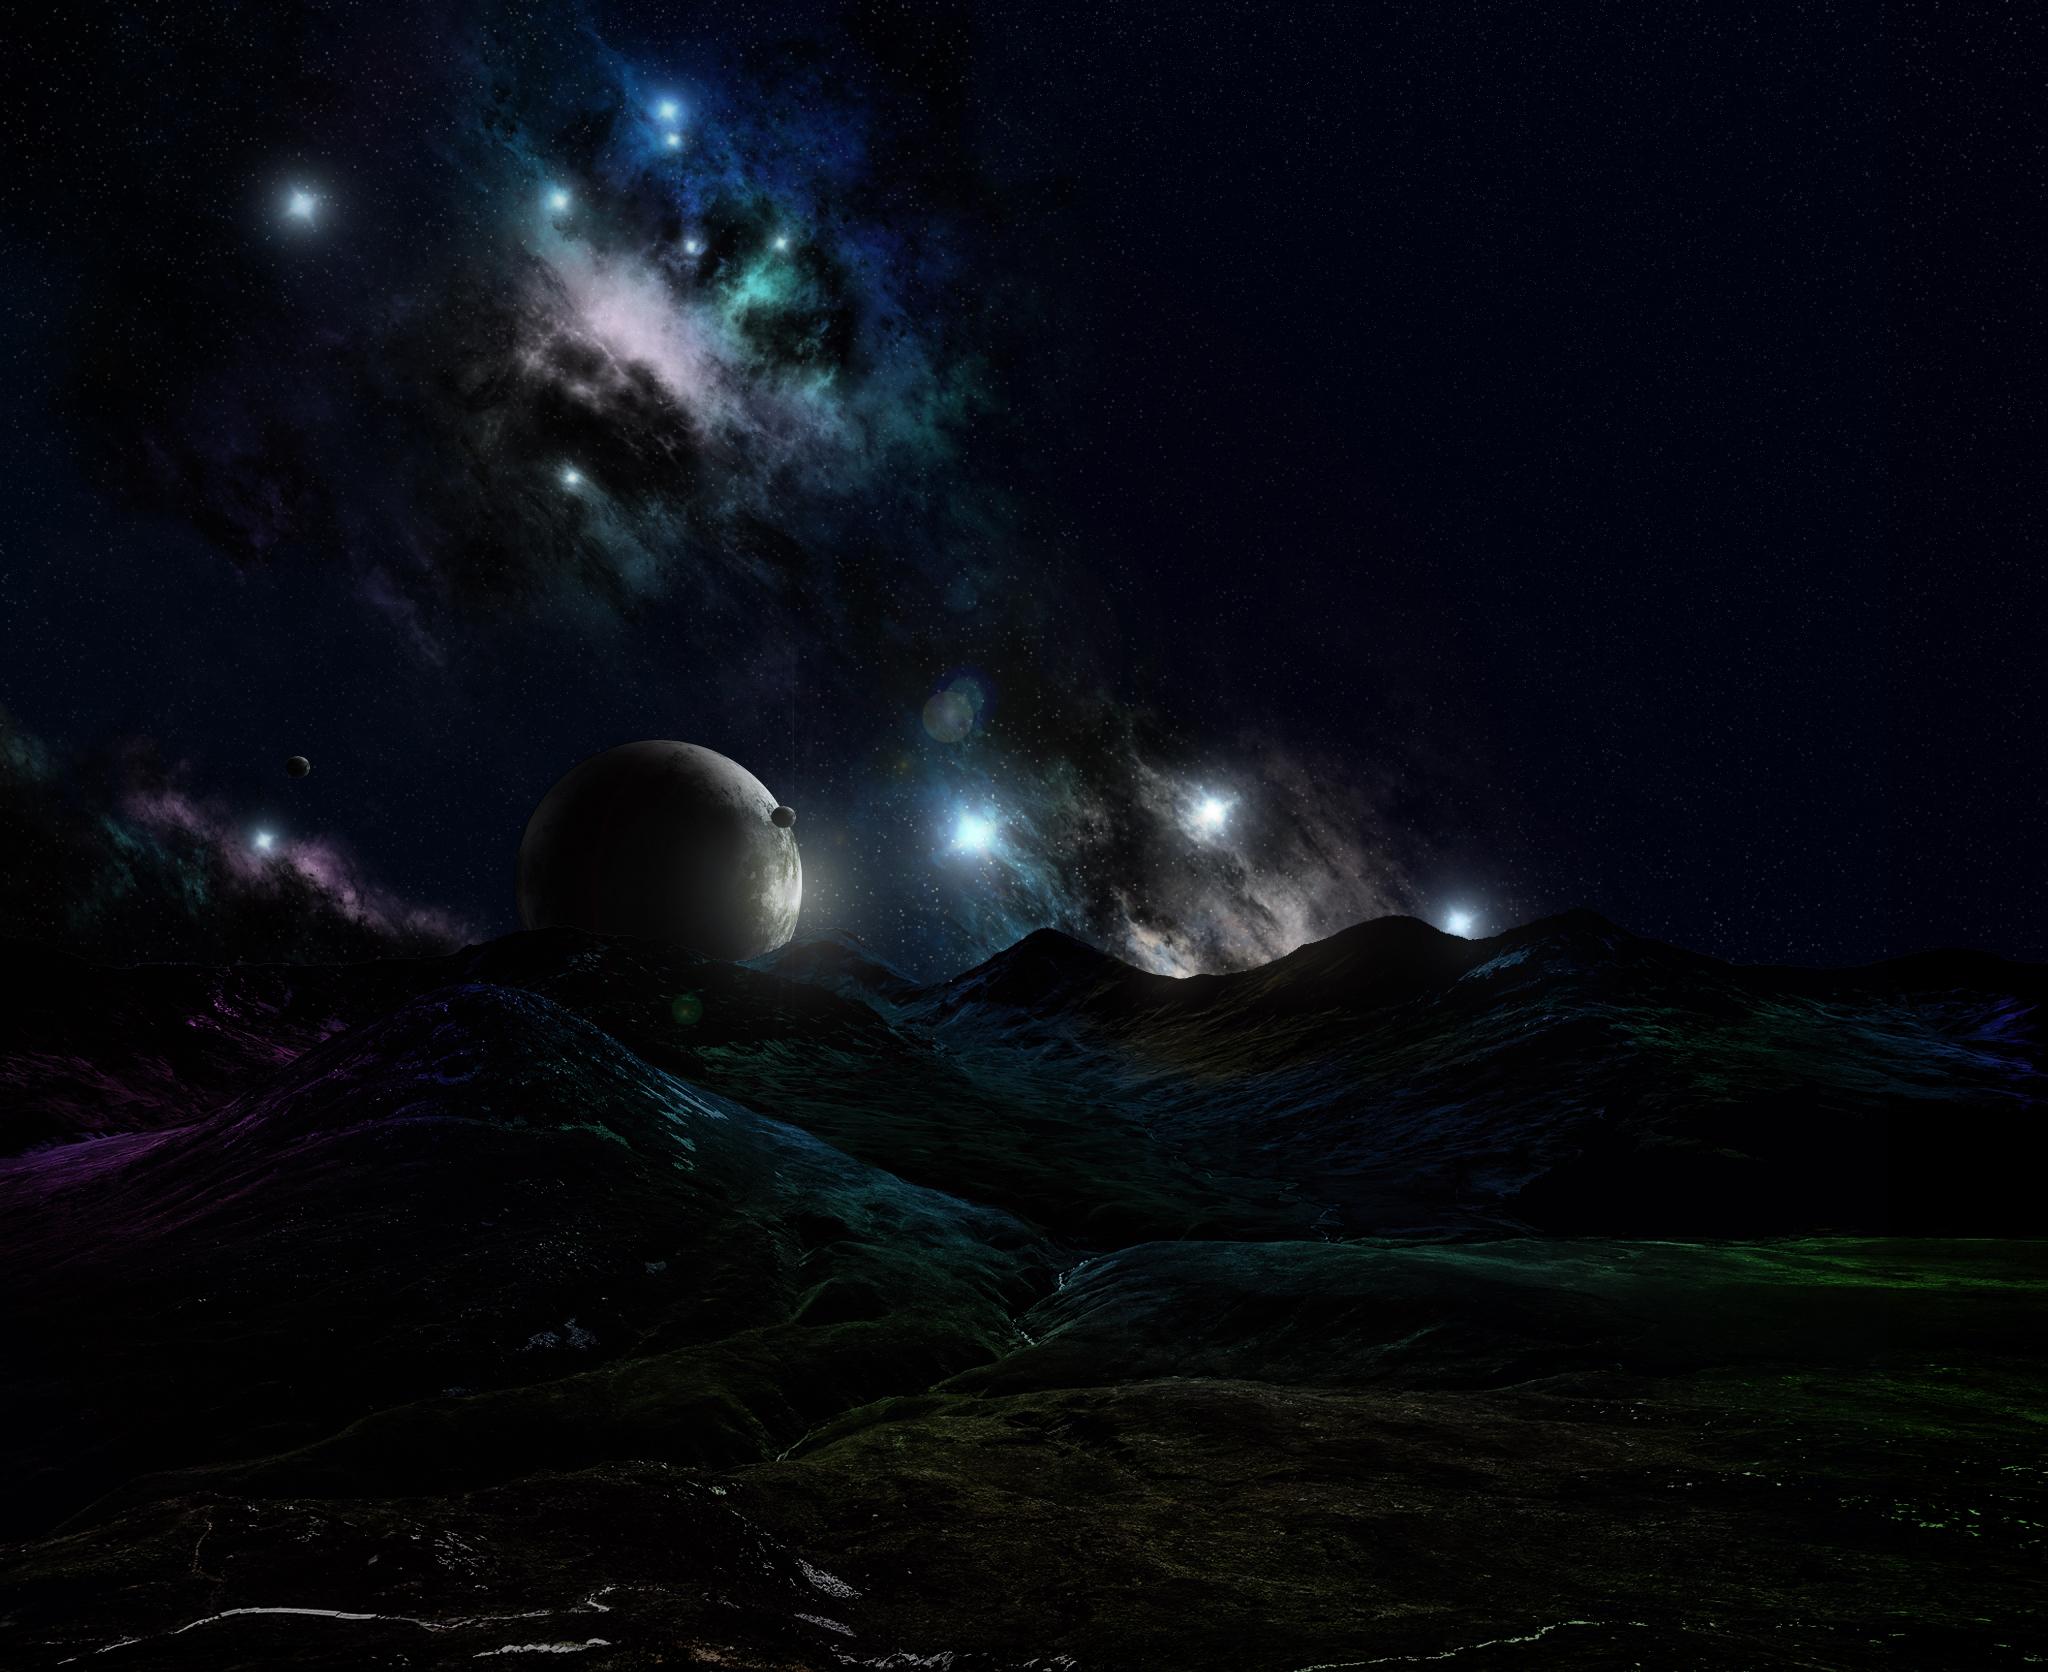 Nebula 2 - with mountains